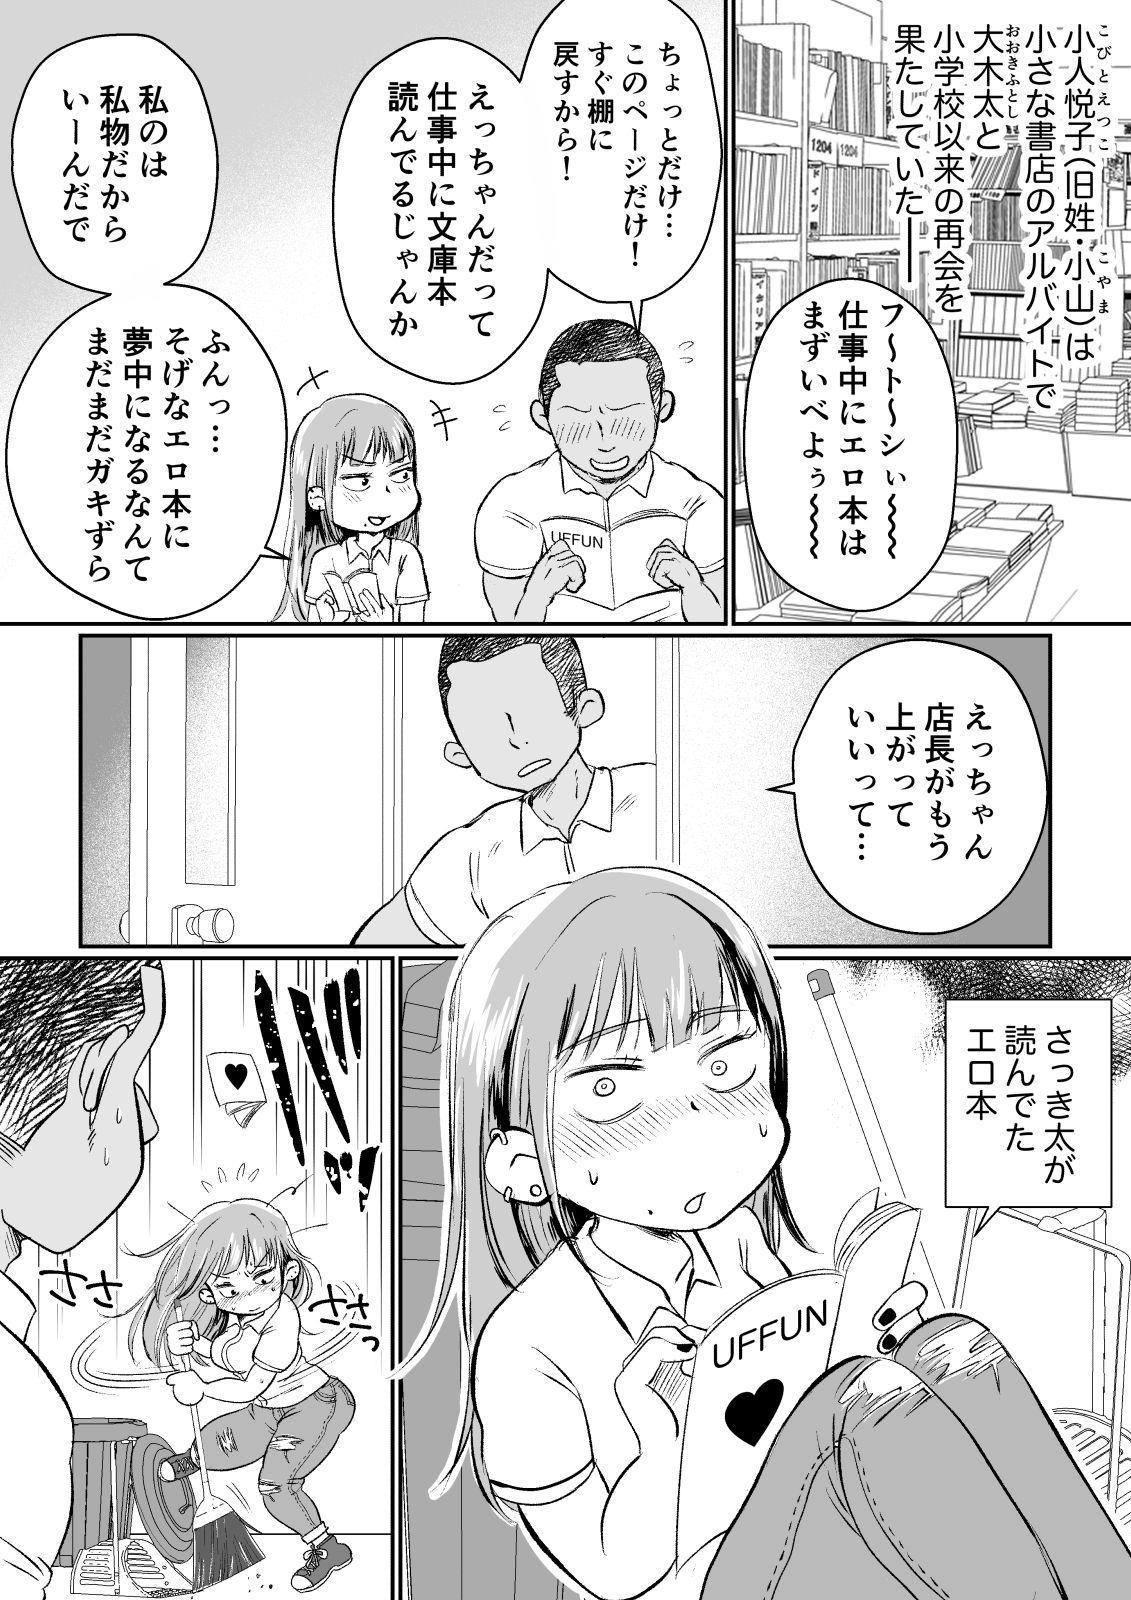 Batsuichi Hitozuma, Moto Danna no Ero Massage ni Ochiru! 80